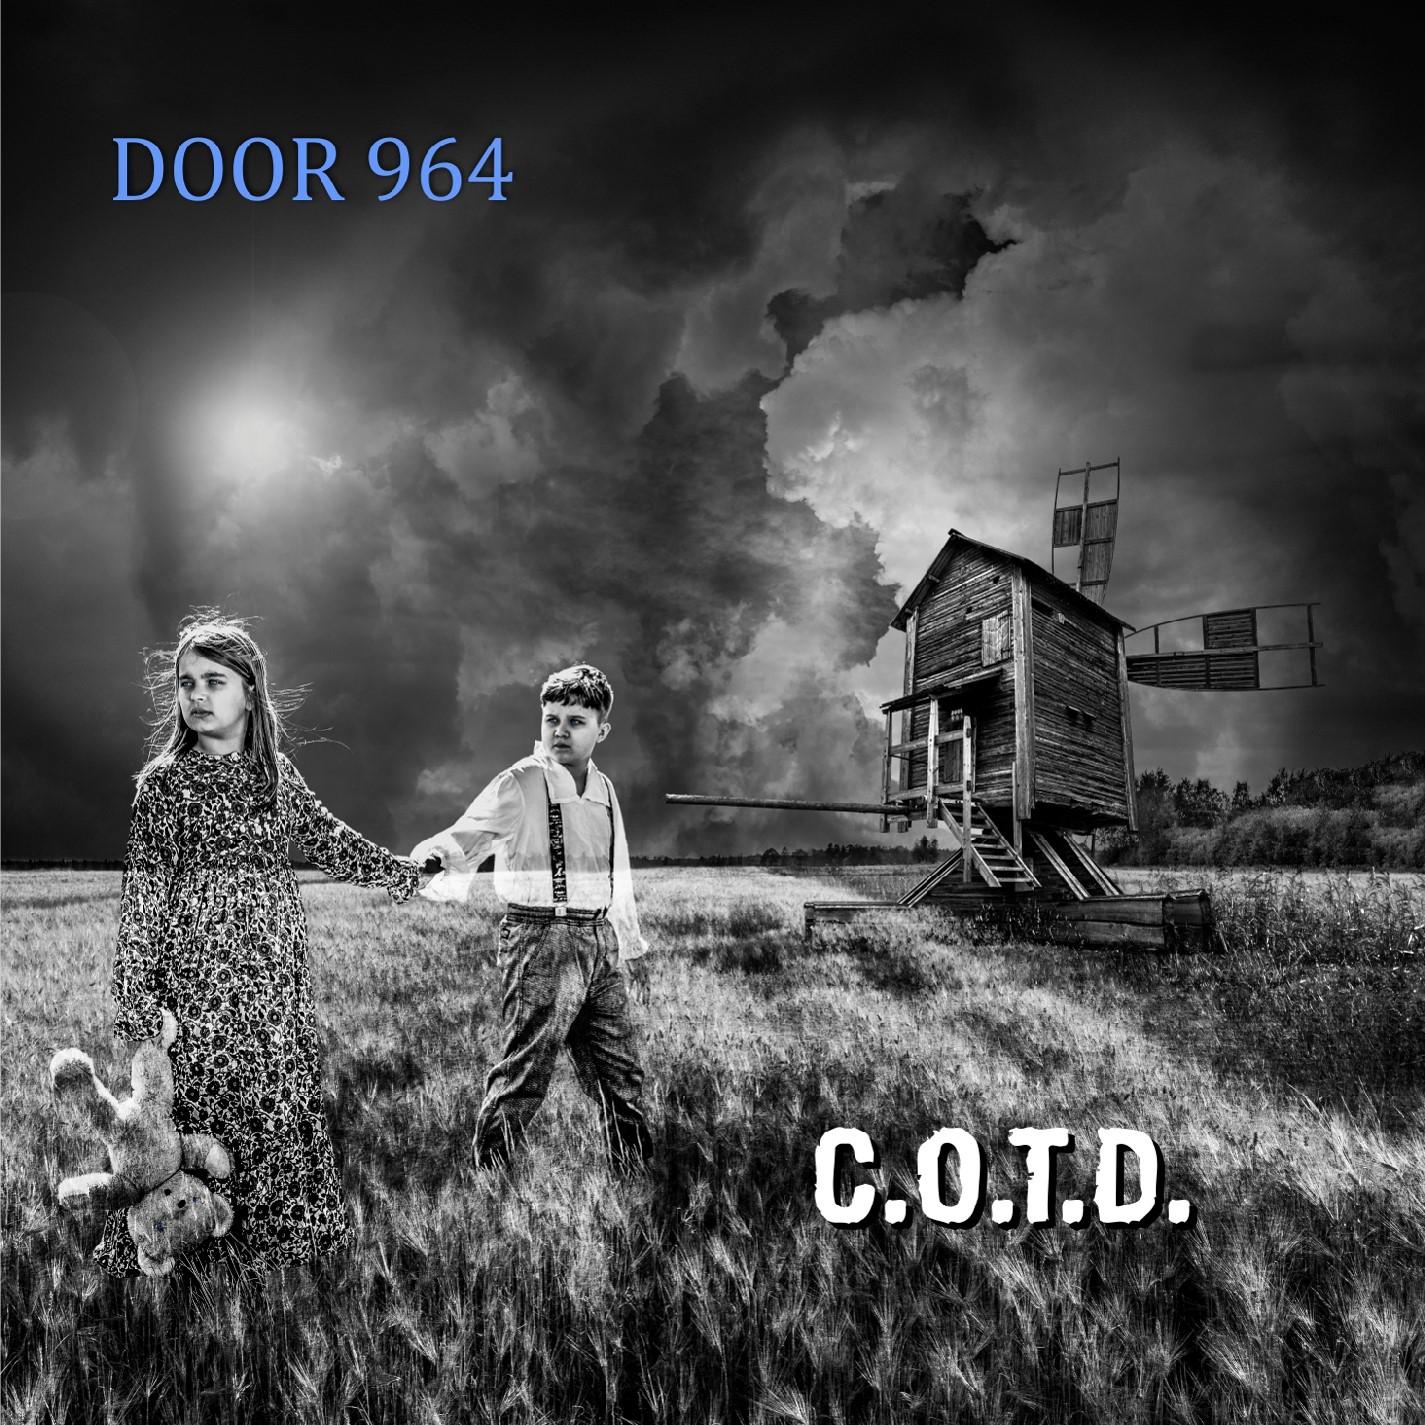 """DOOR 964 """"C.O.T.D."""""""